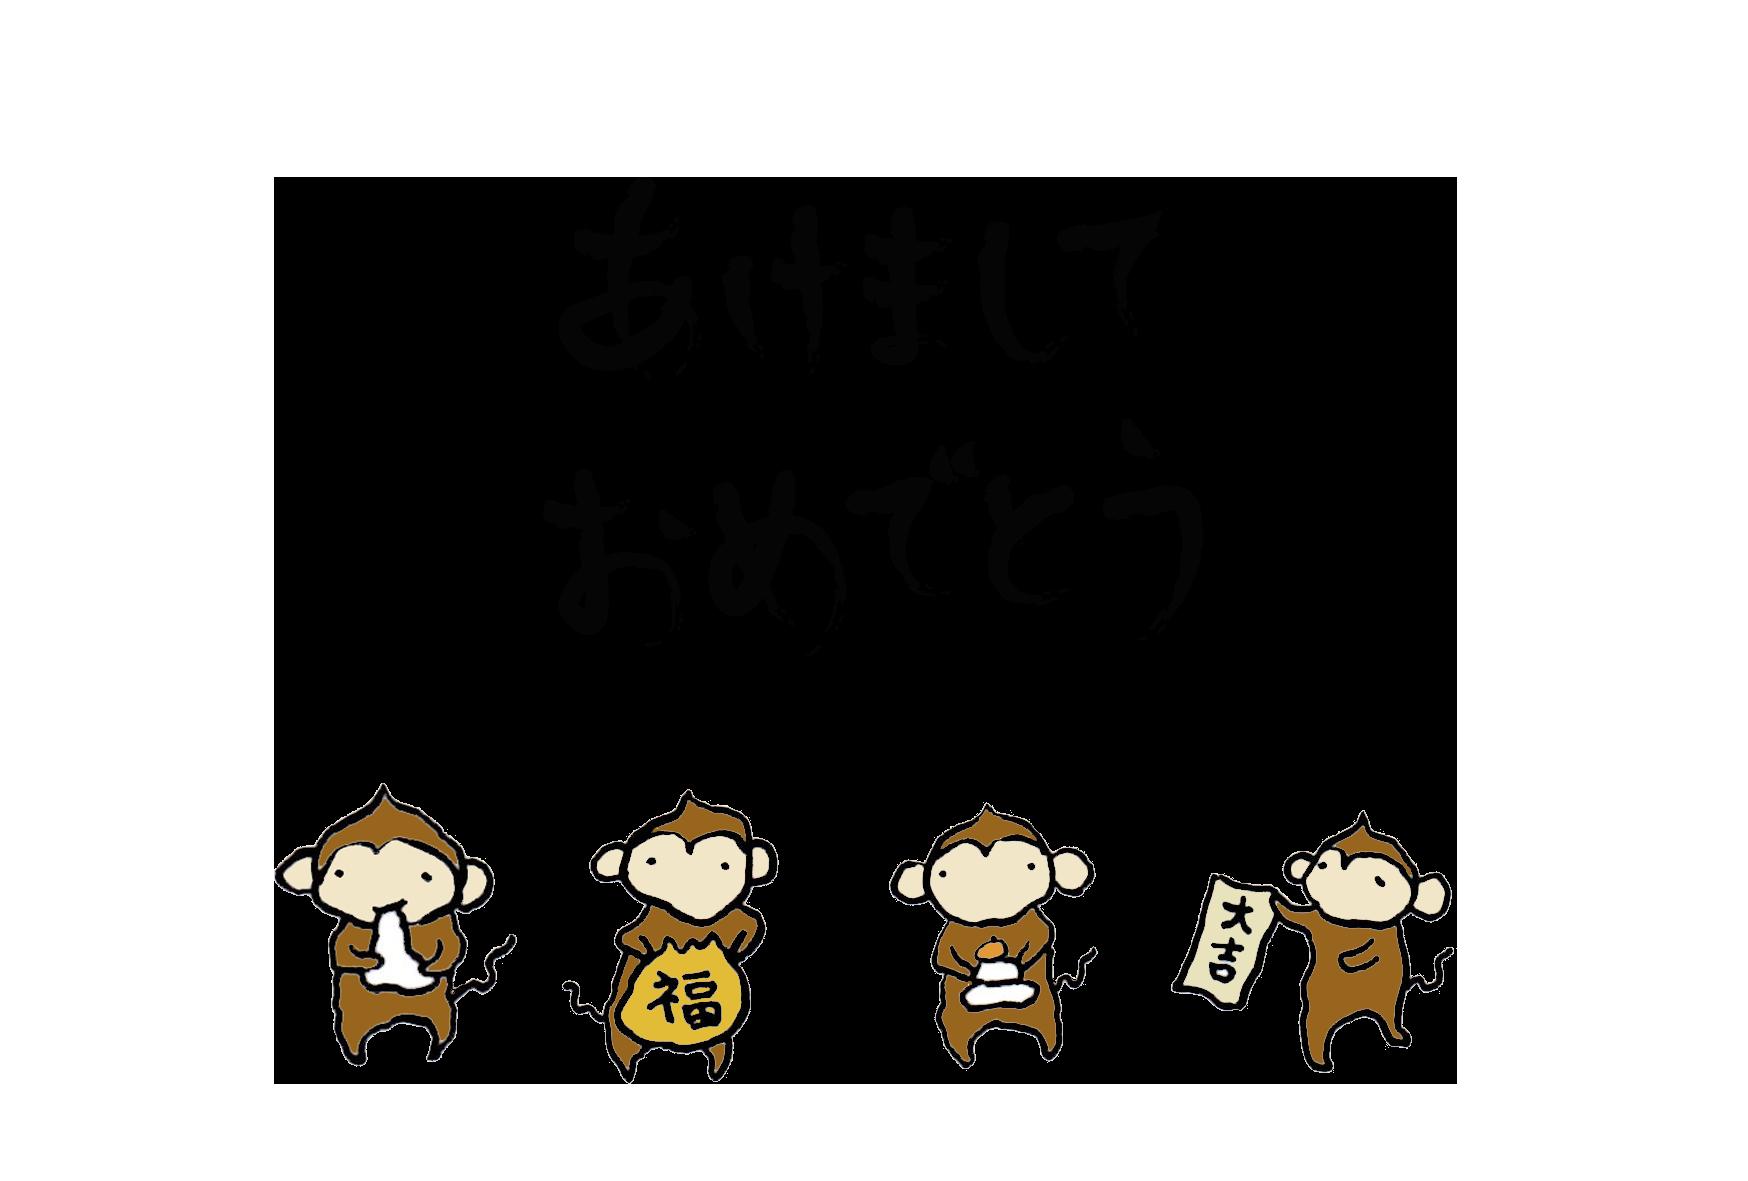 年賀状-手書きテンプレート(猿)-和風03 <無料> | イラストk